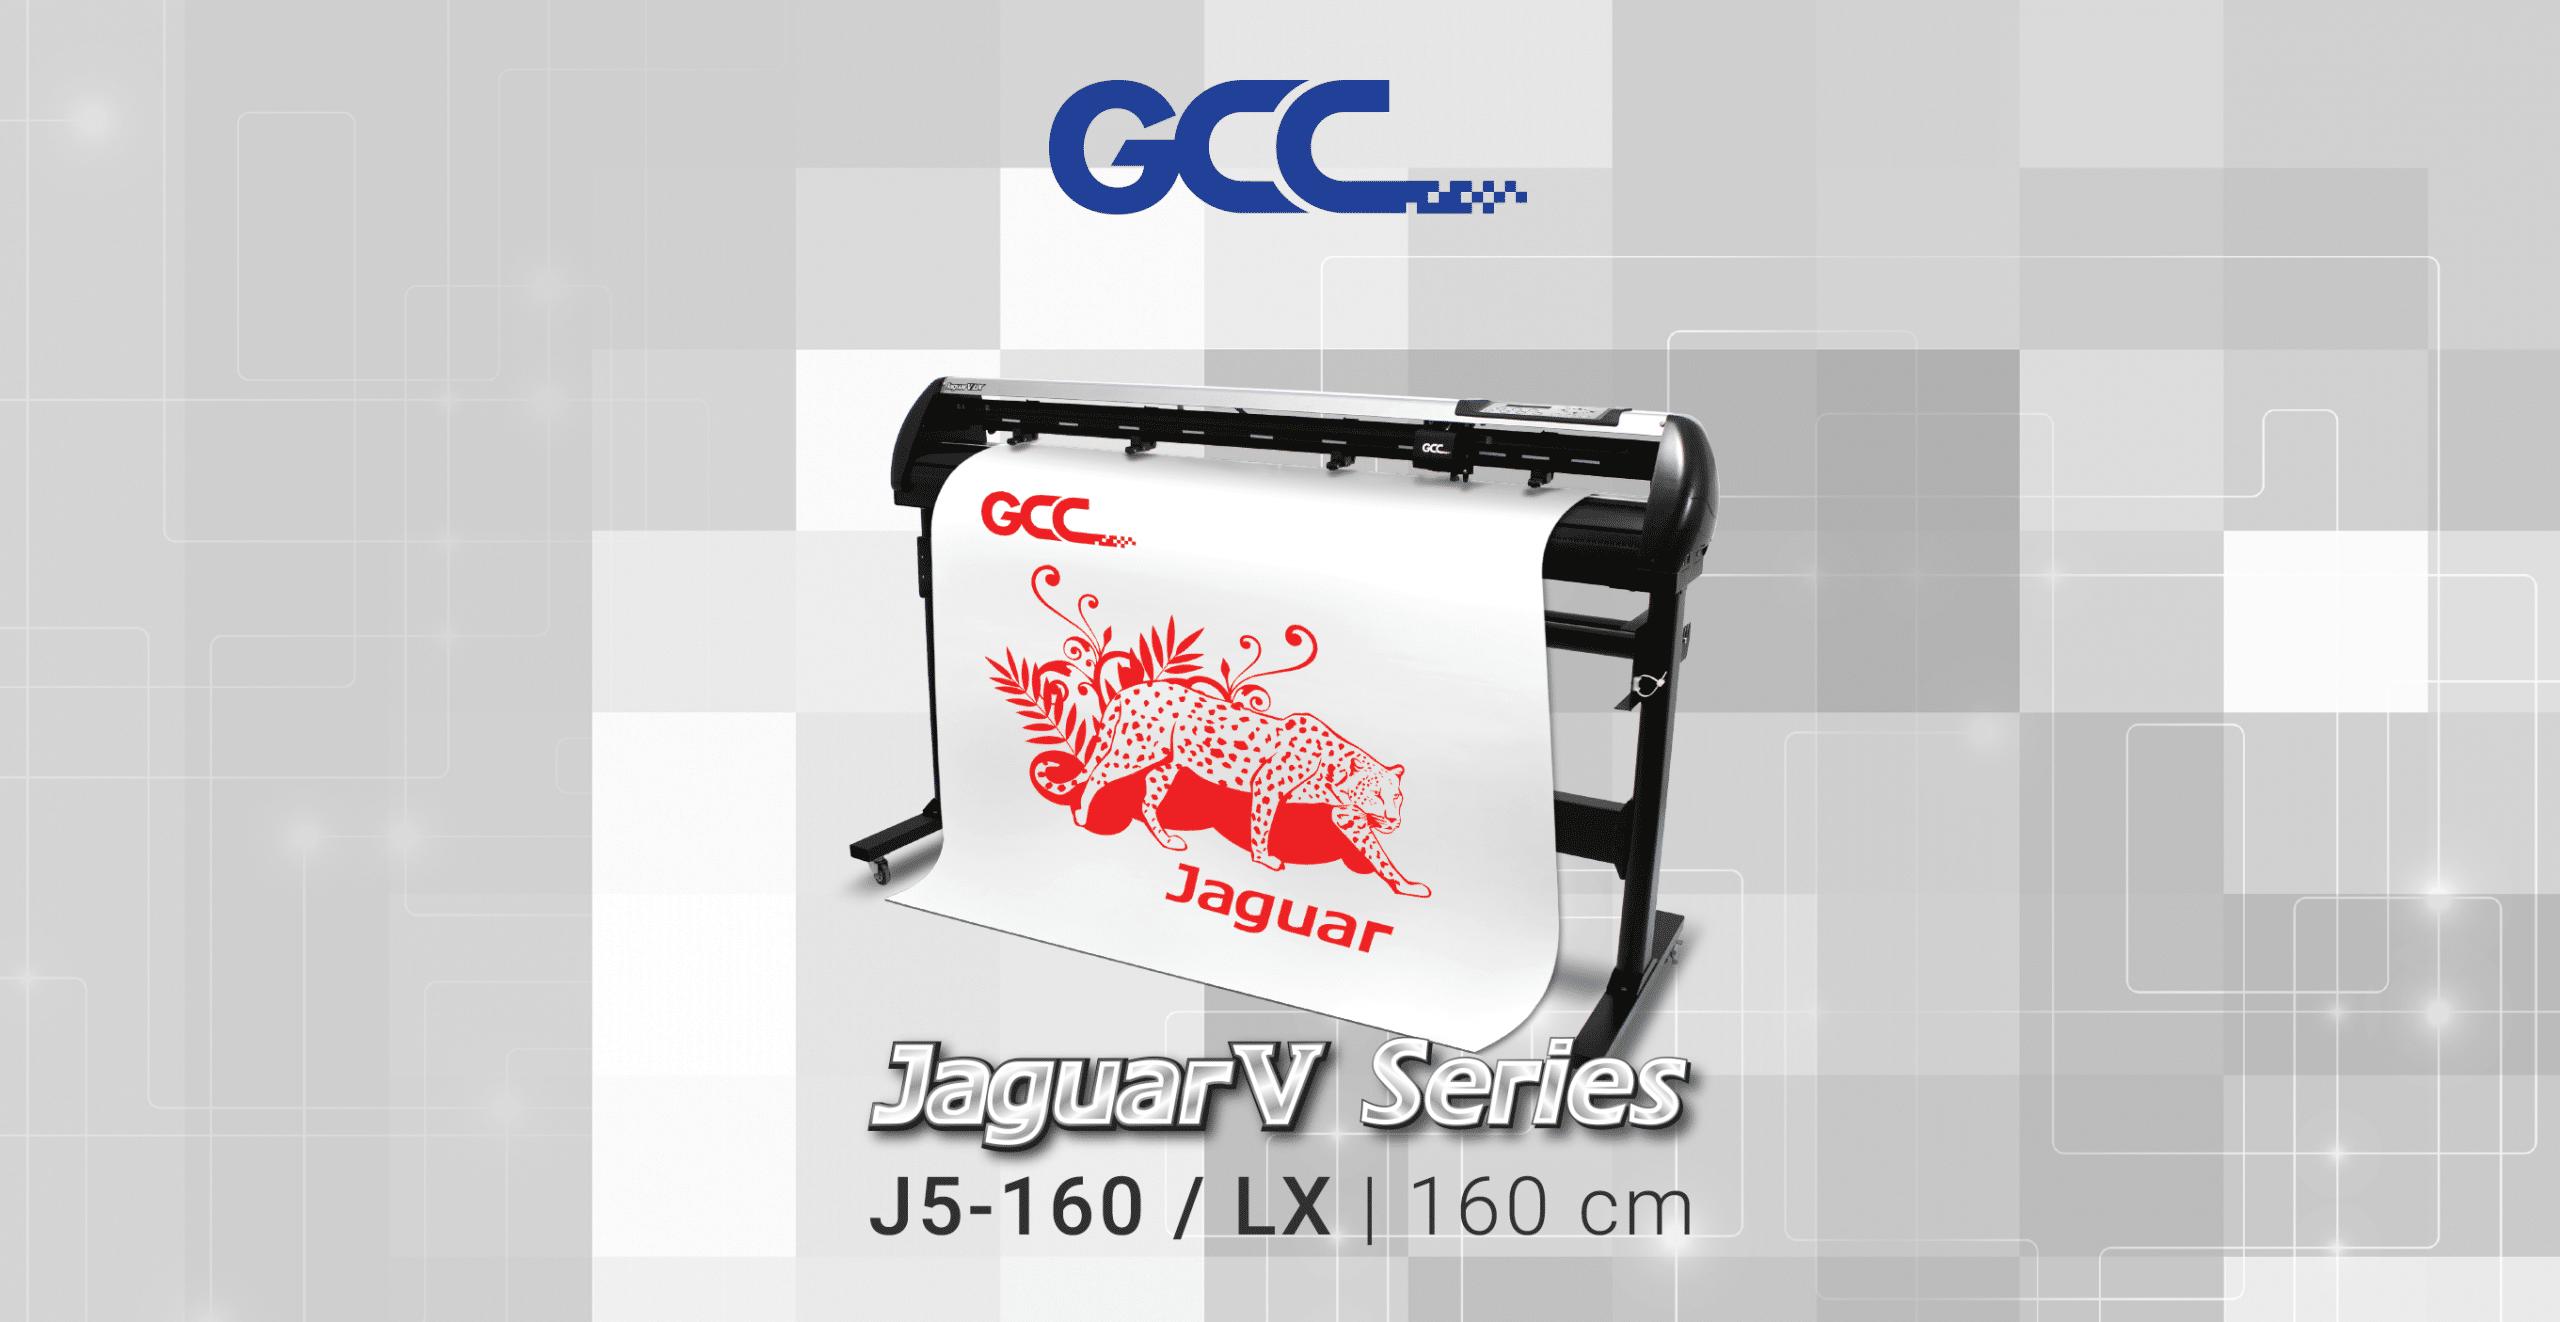 GCC plotter de corte Jaguar V 160 LX